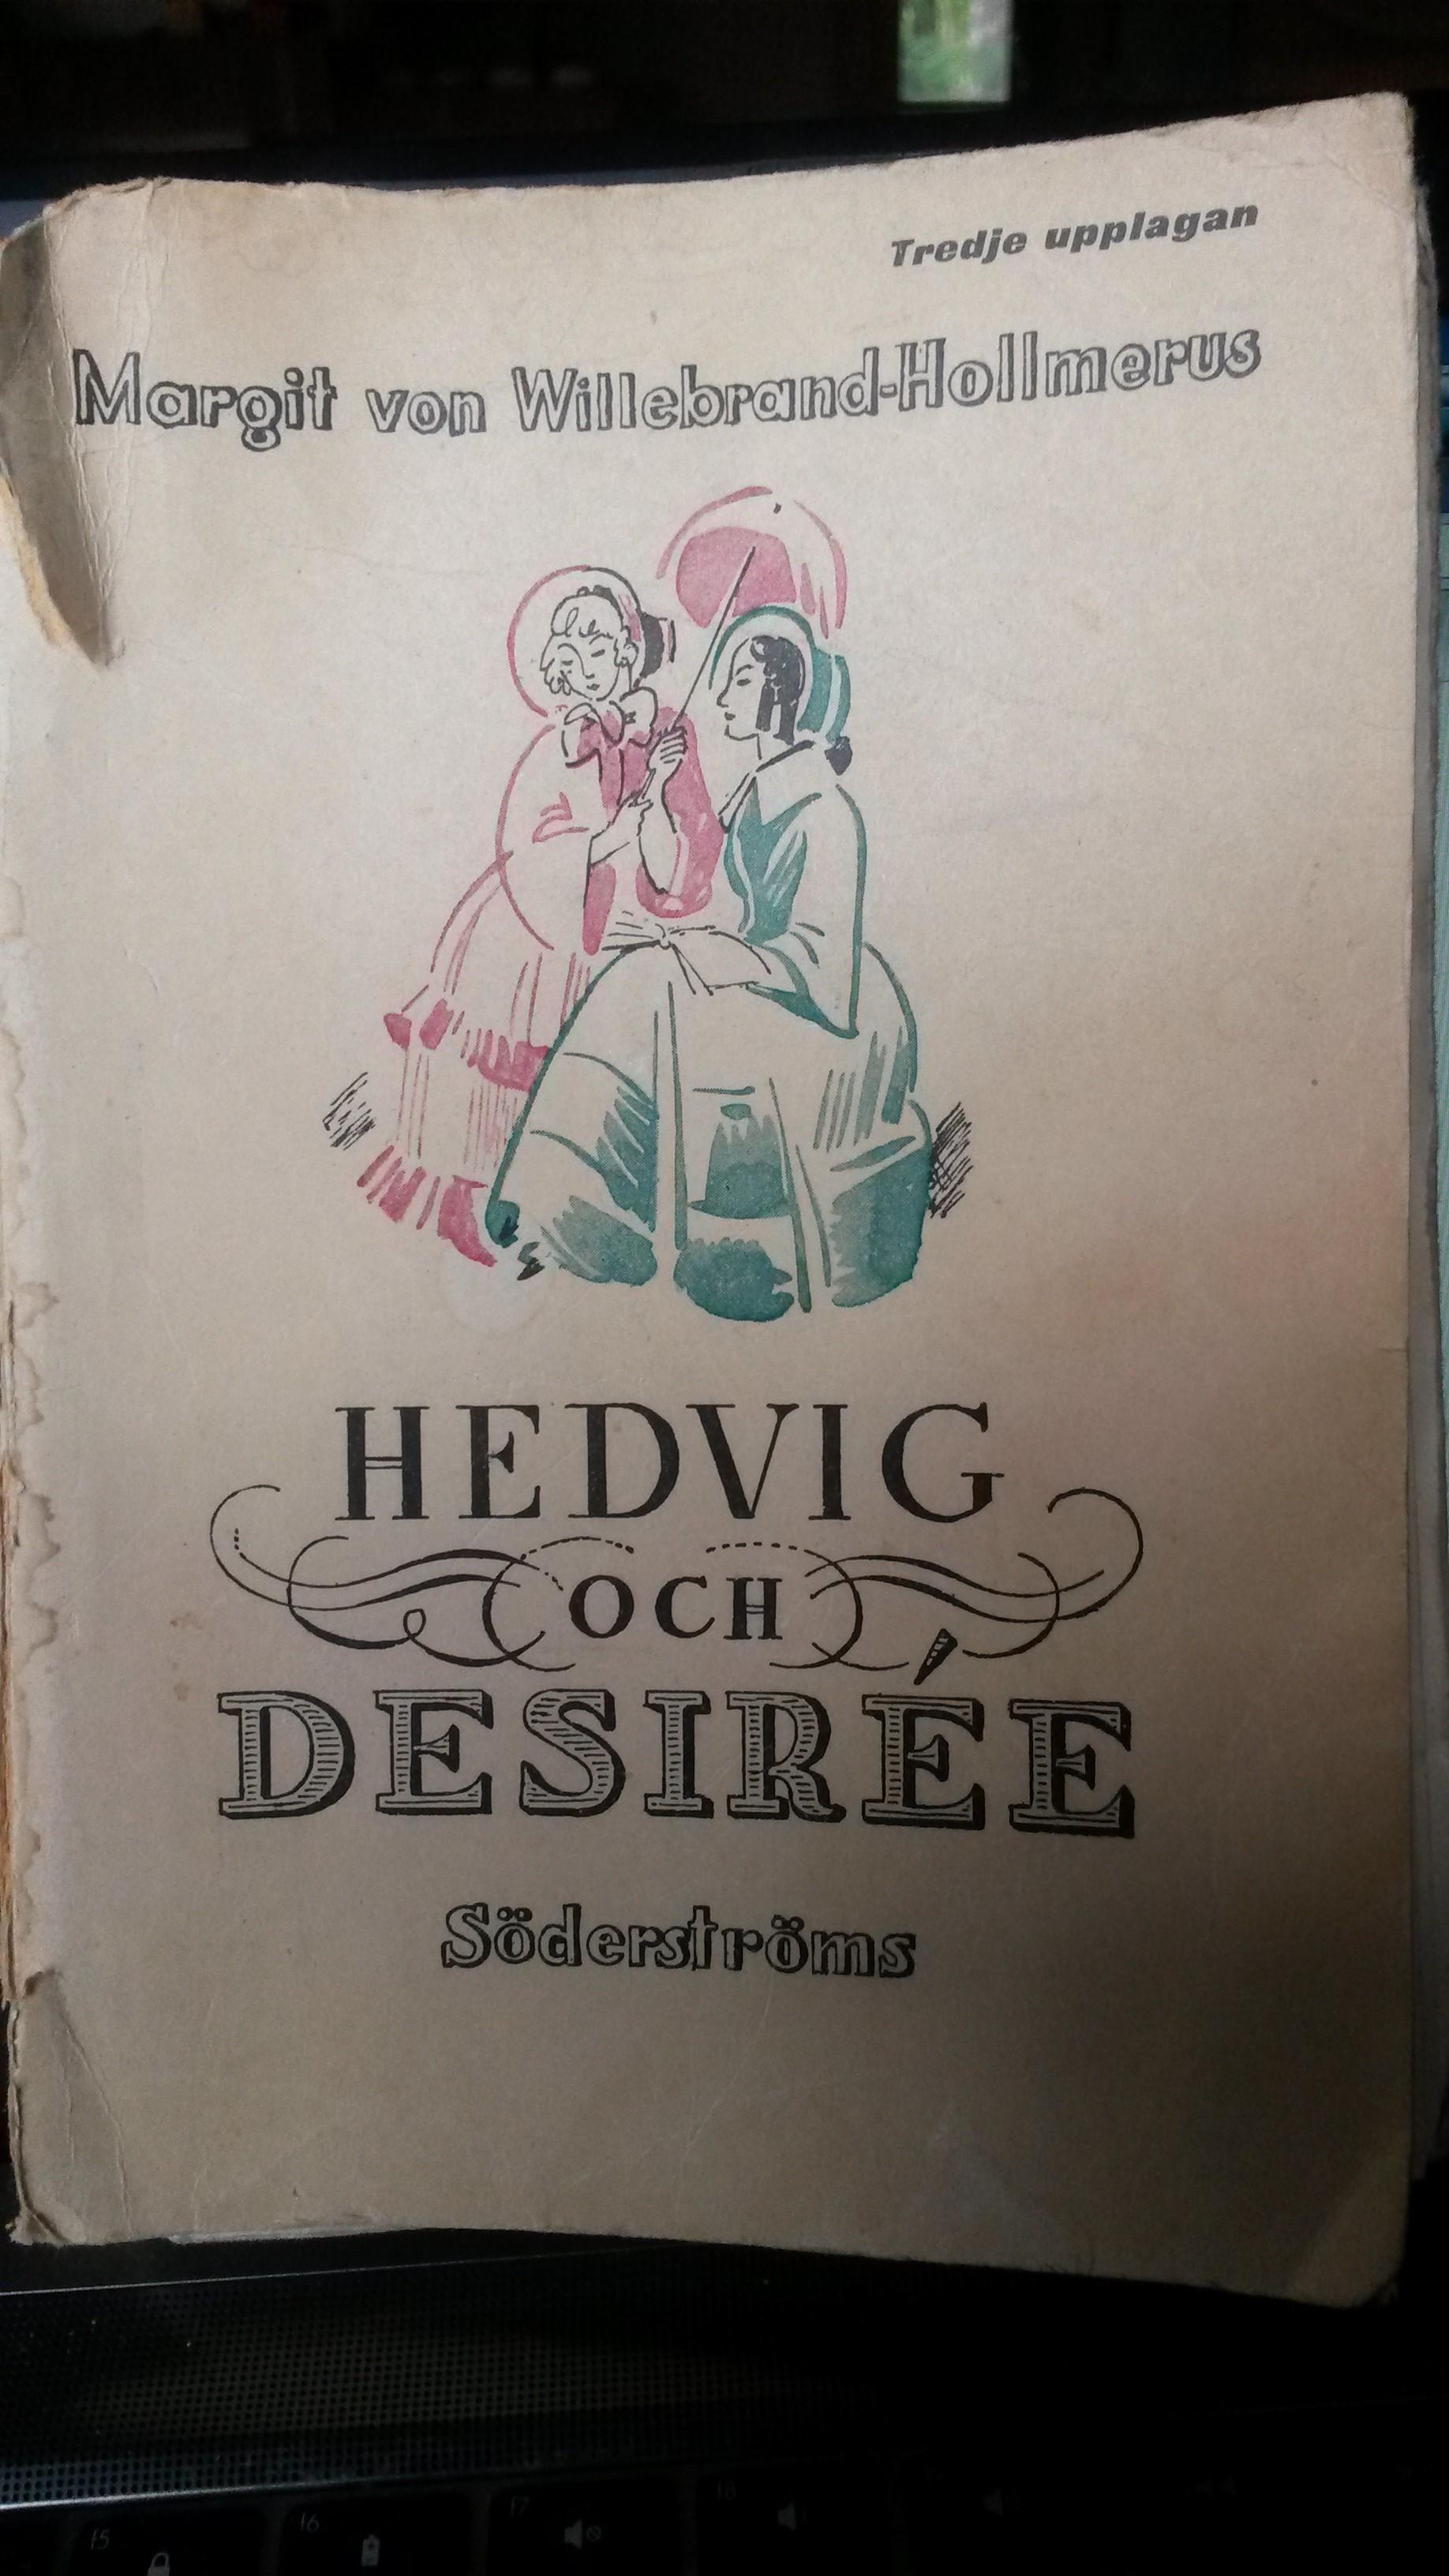 Hedvig och Desirée  by  Margit von Willebrand-Hollmerus